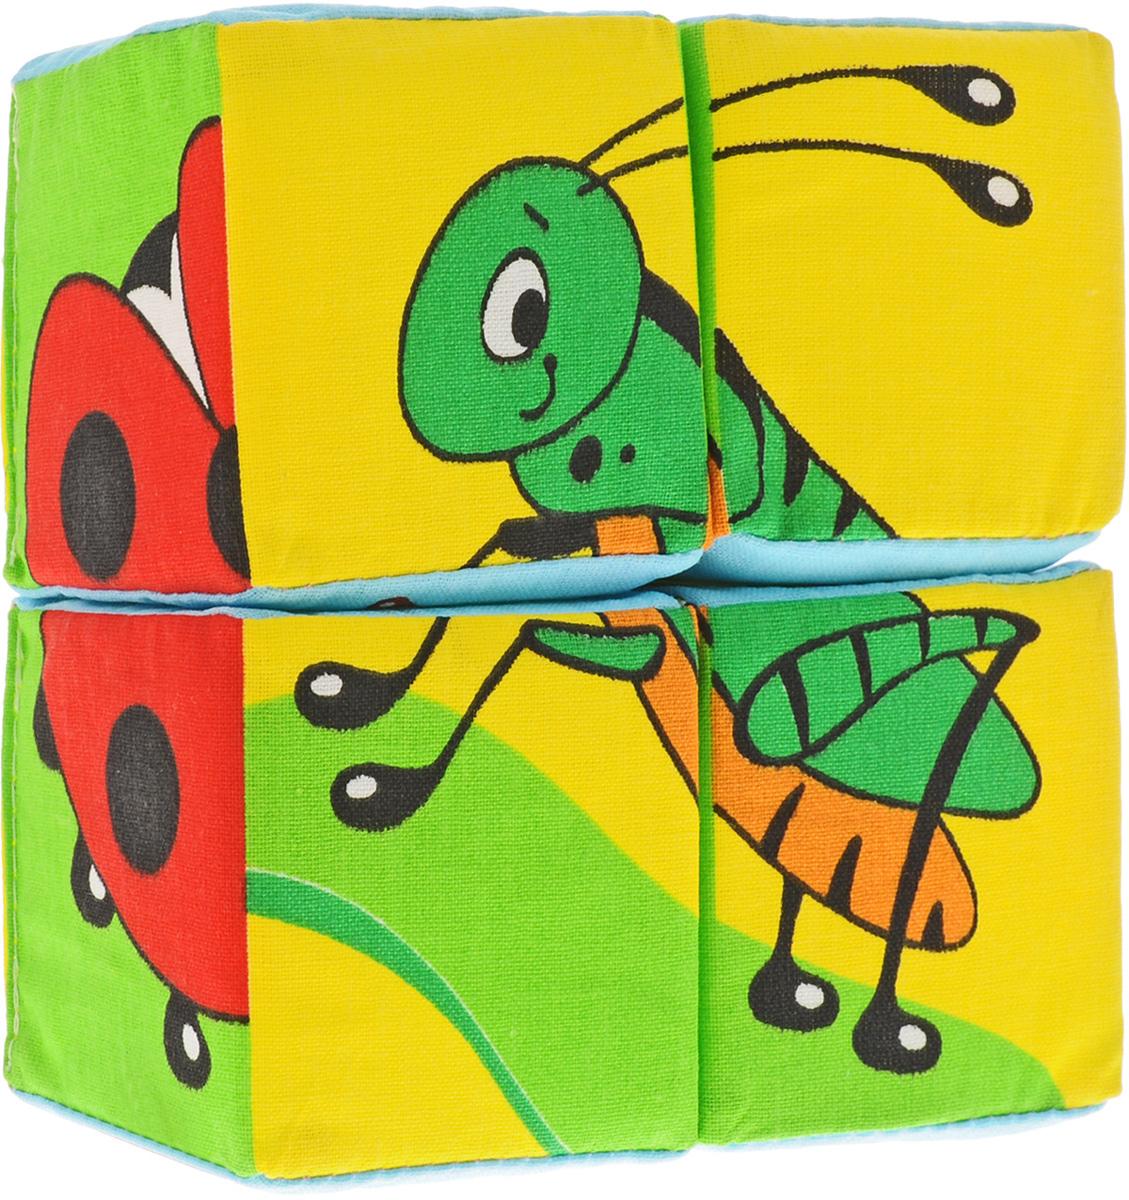 Мякиши Кубики Собери картинку Насекомые238Развивающая игрушка Мякиши Собери картинку. Насекомые обязательно привлечет внимание вашего малыша. Игрушка выполнена в виде четырех кубиков. Правильно складывая кубики, ребенок получит изображения в виде различных насекомых. Данная игрушка способствуют развитию сенсорных способностей, развитию речевых навыков, развитию целостности зрительного восприятия и мелкой моторики детских ручек.